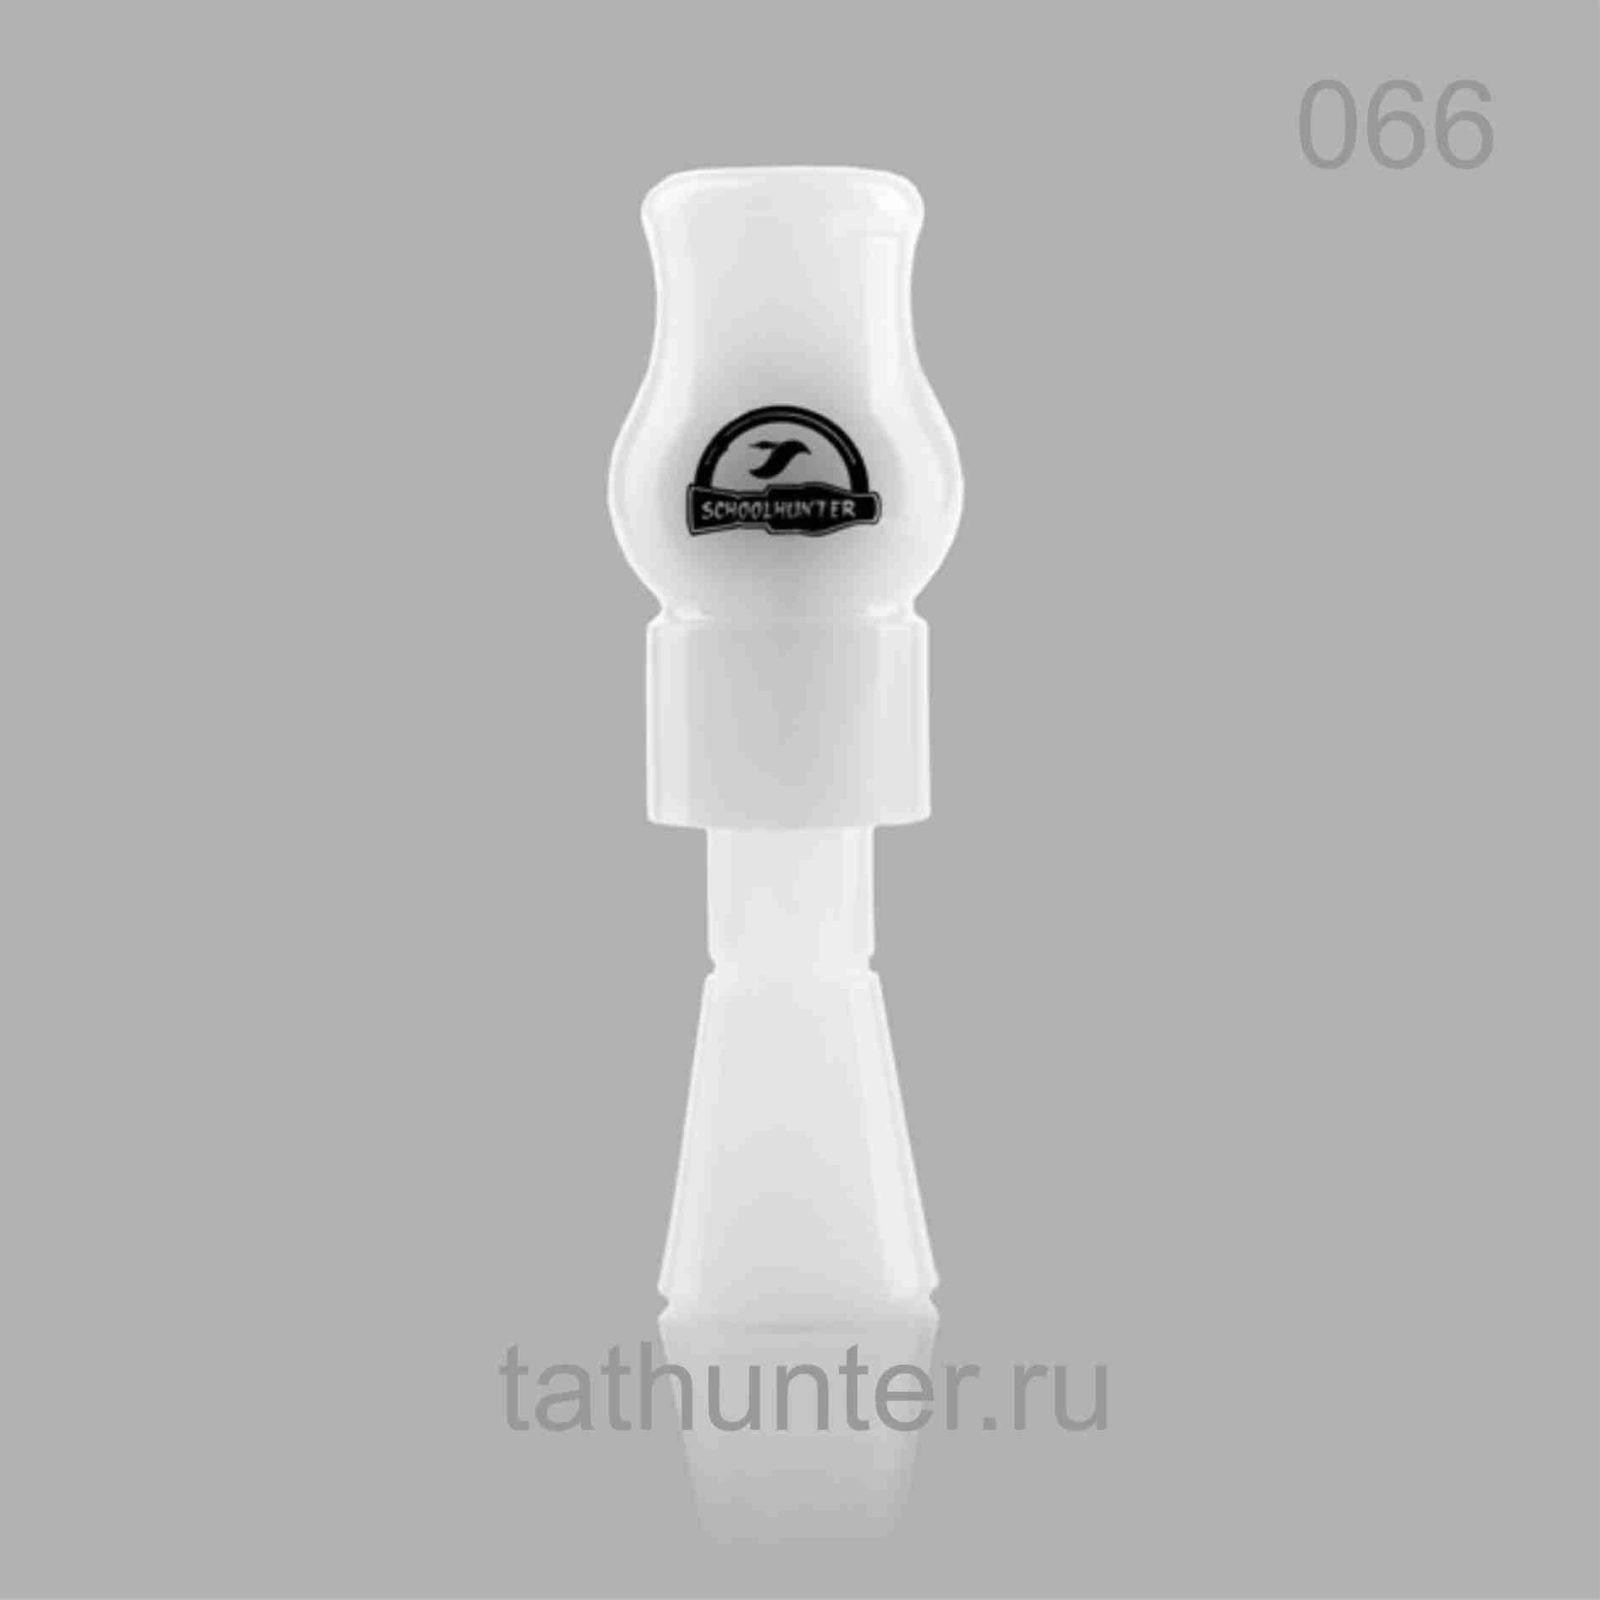 Манок двухязычковый на утку серия Hunter цвет 066